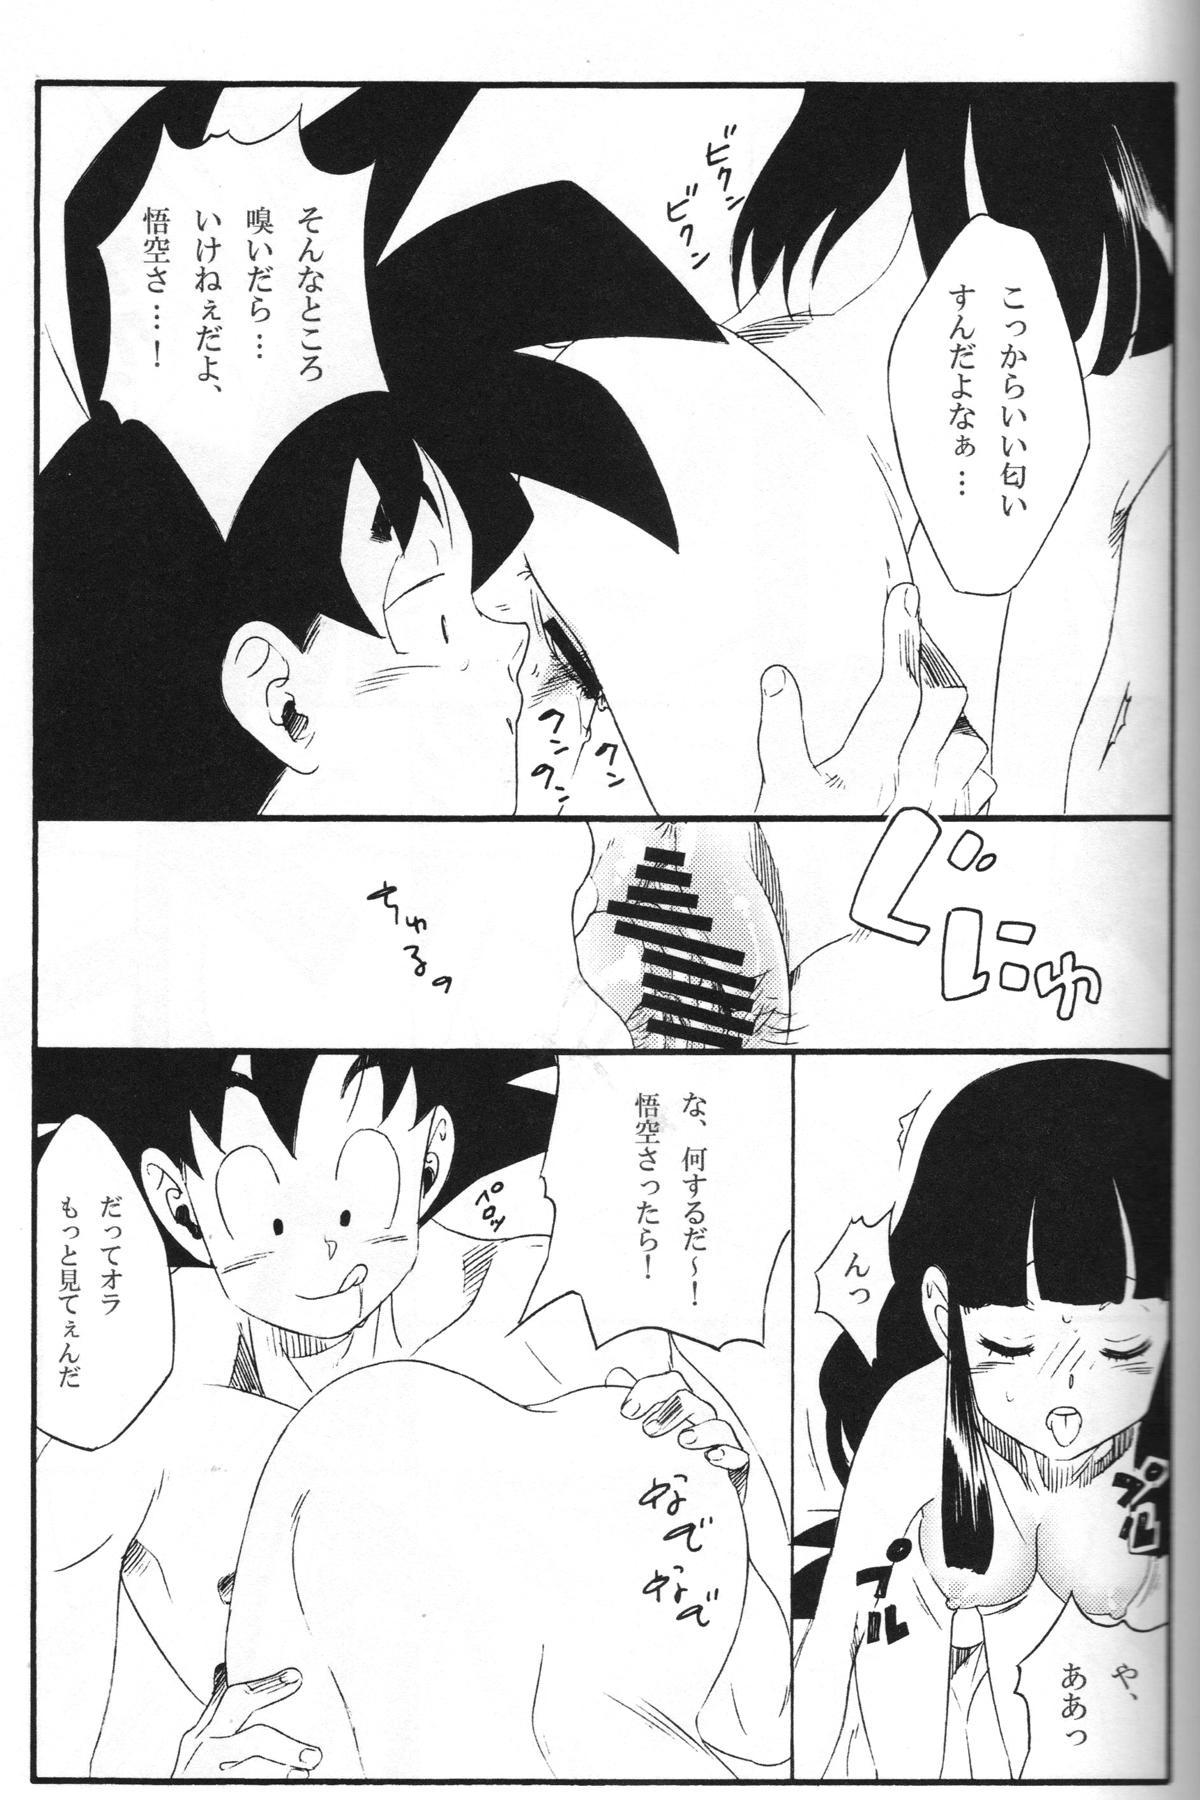 Shinmai Teishu to Koinyobo Z 23